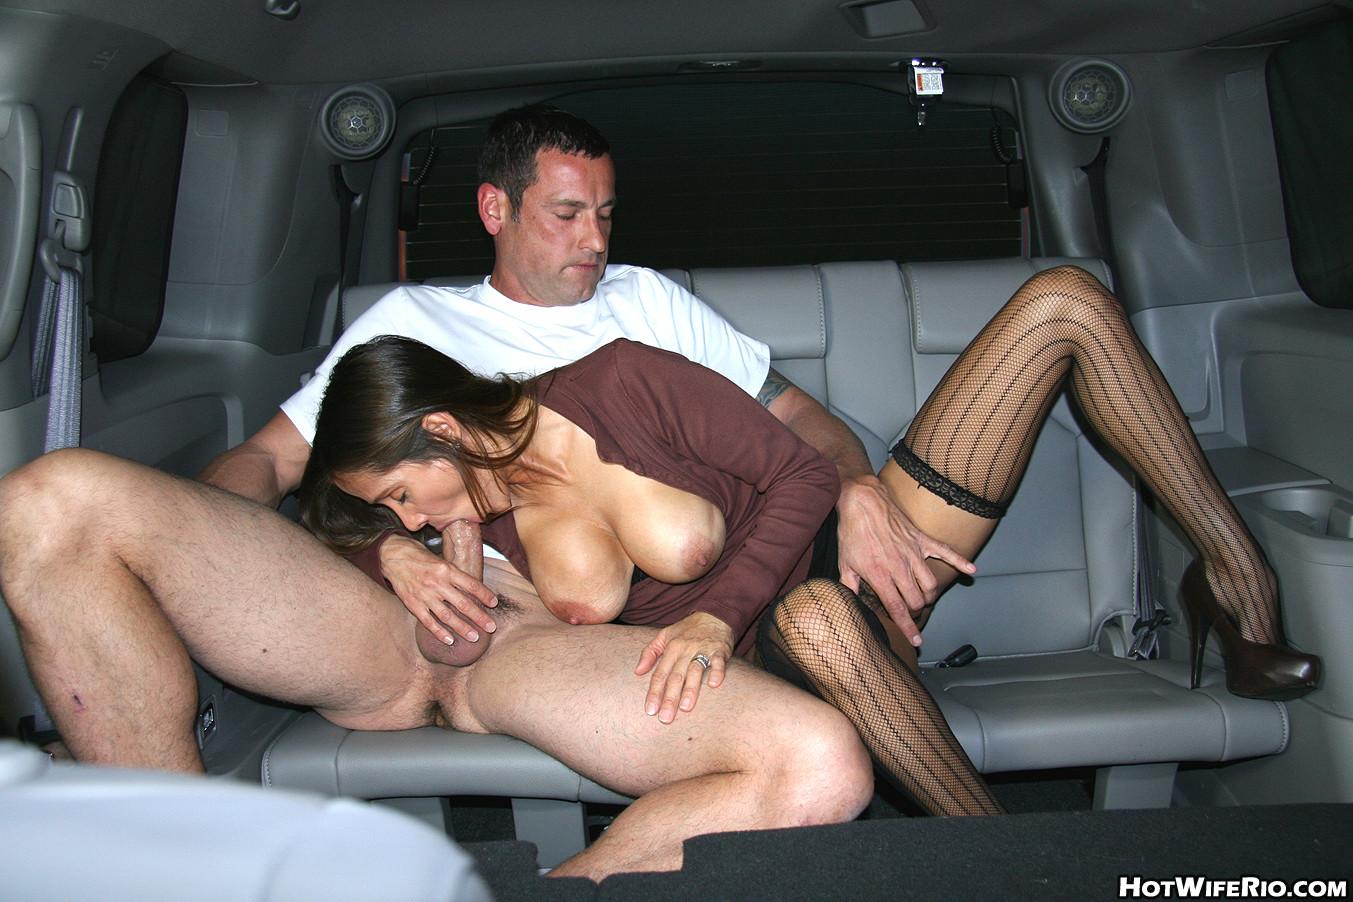 проститутку выебали на дороге смотреть онлайн